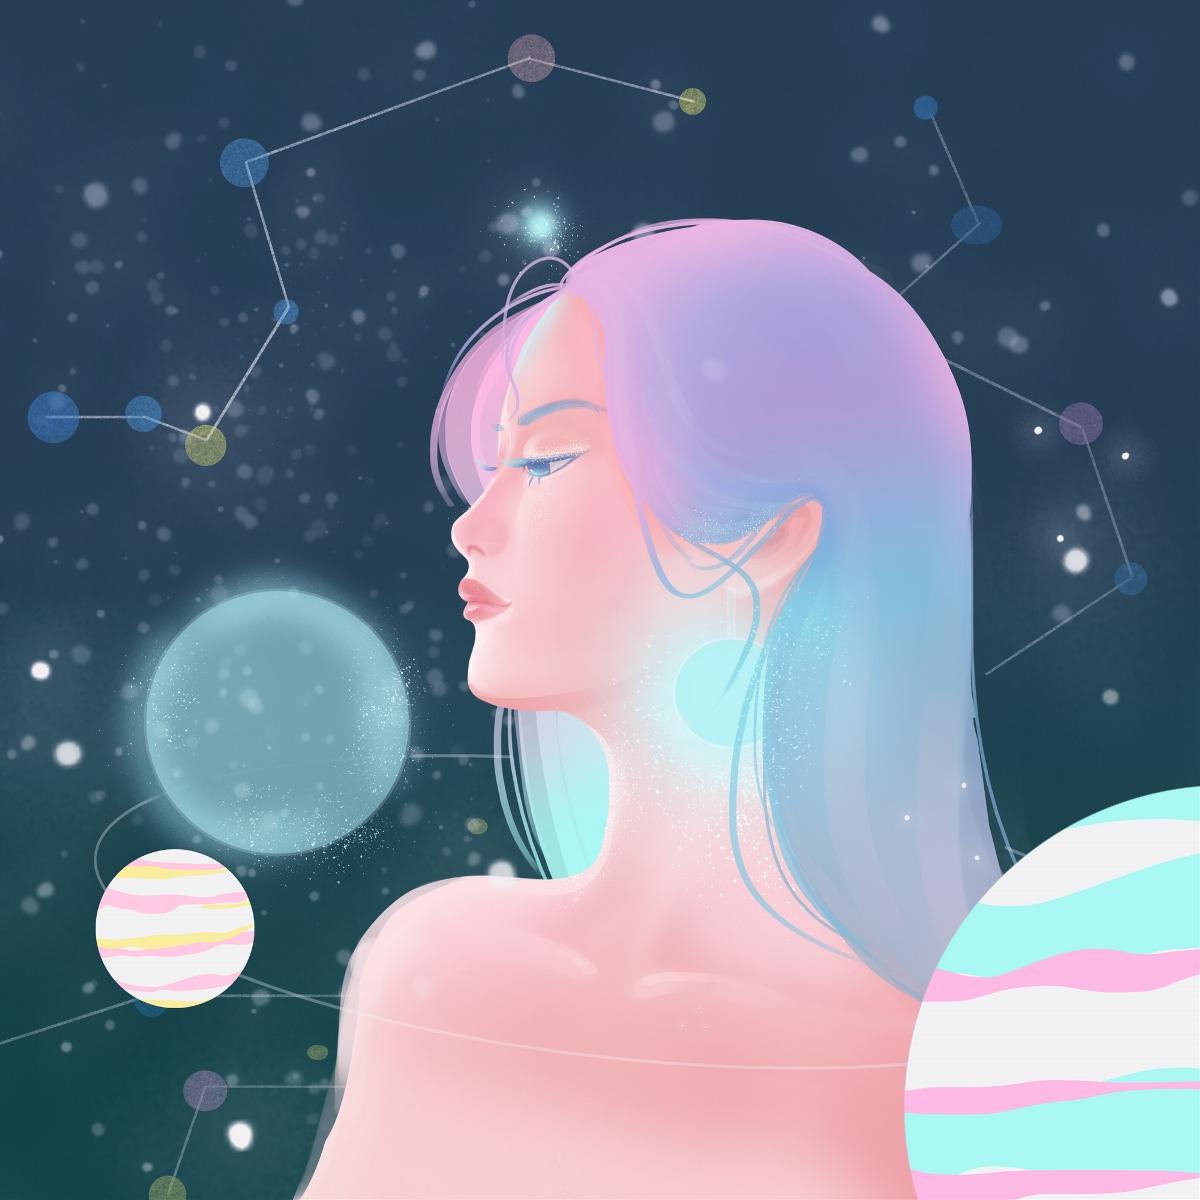 原创《星空》系列插画作品